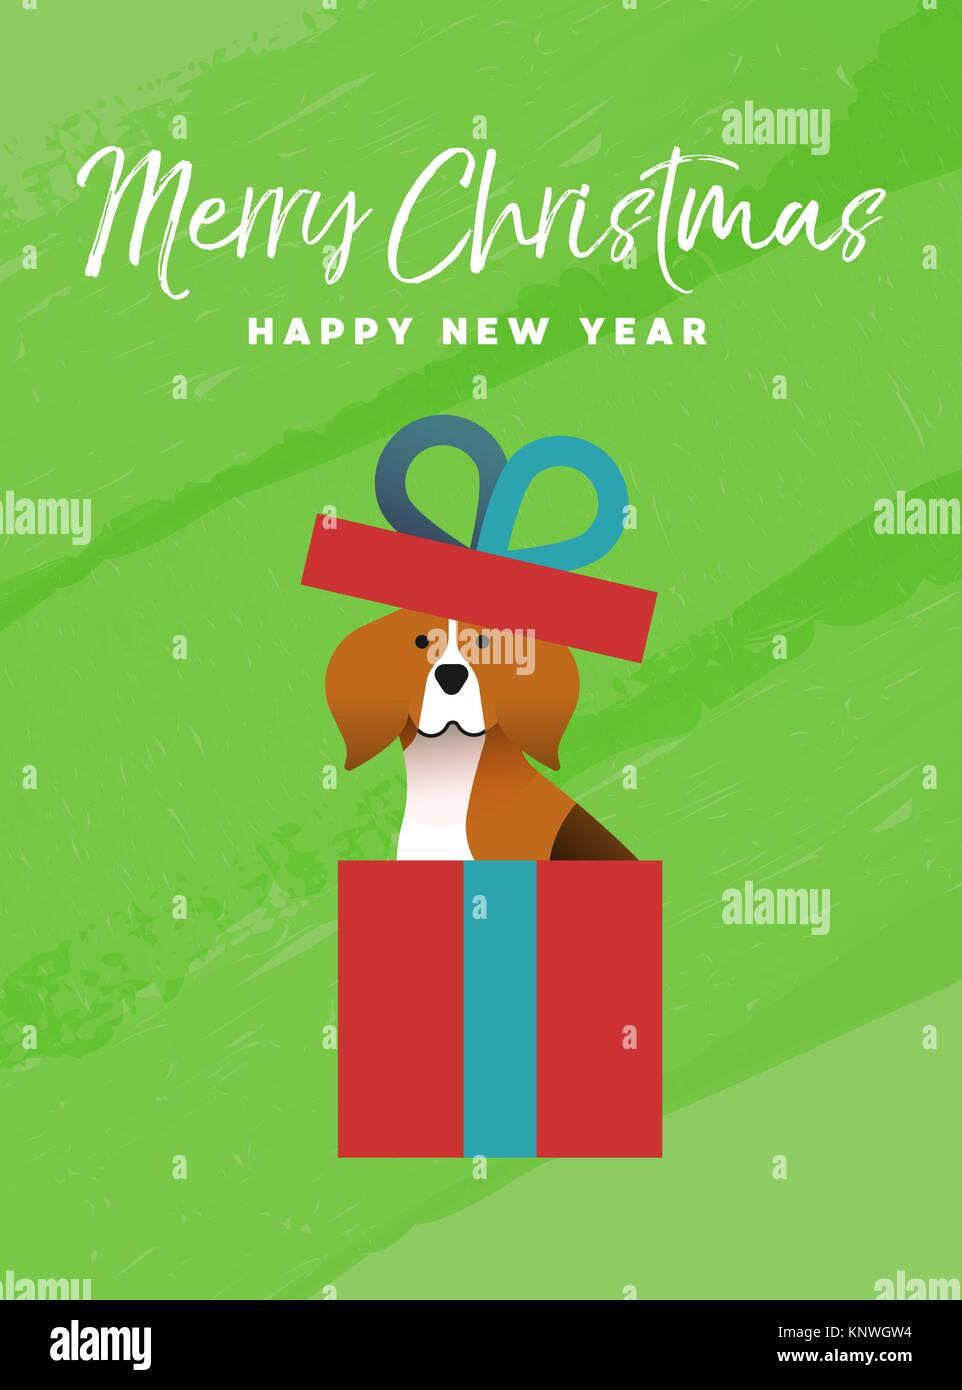 Erstaunlich Lustige Geschenkverpackung Beste Wahl Frohe-weihnachten-und-ein-gluckliches-neues-jahr-urlaub-skarte-abbildung- Lustige-beagle-hund-innen-xmas-geschenkverpackung-auf-bunten-textur-hintergrund